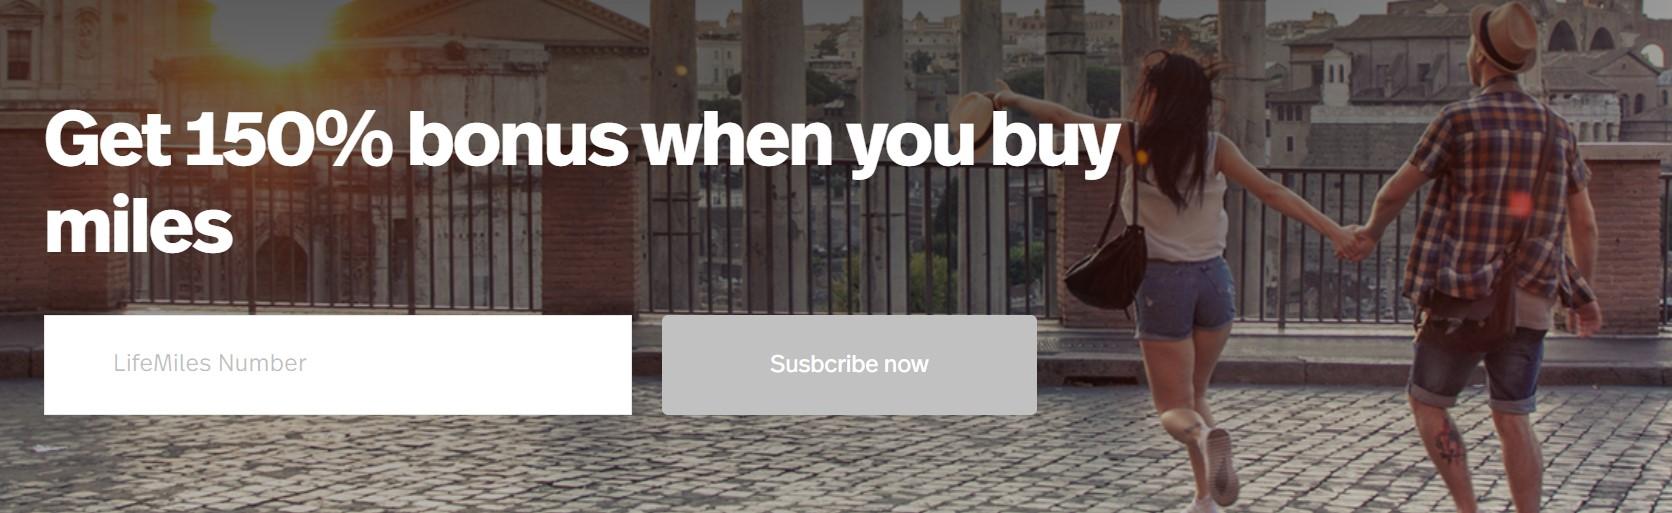 Распродажа миль LifeMiles с бонусом 150%